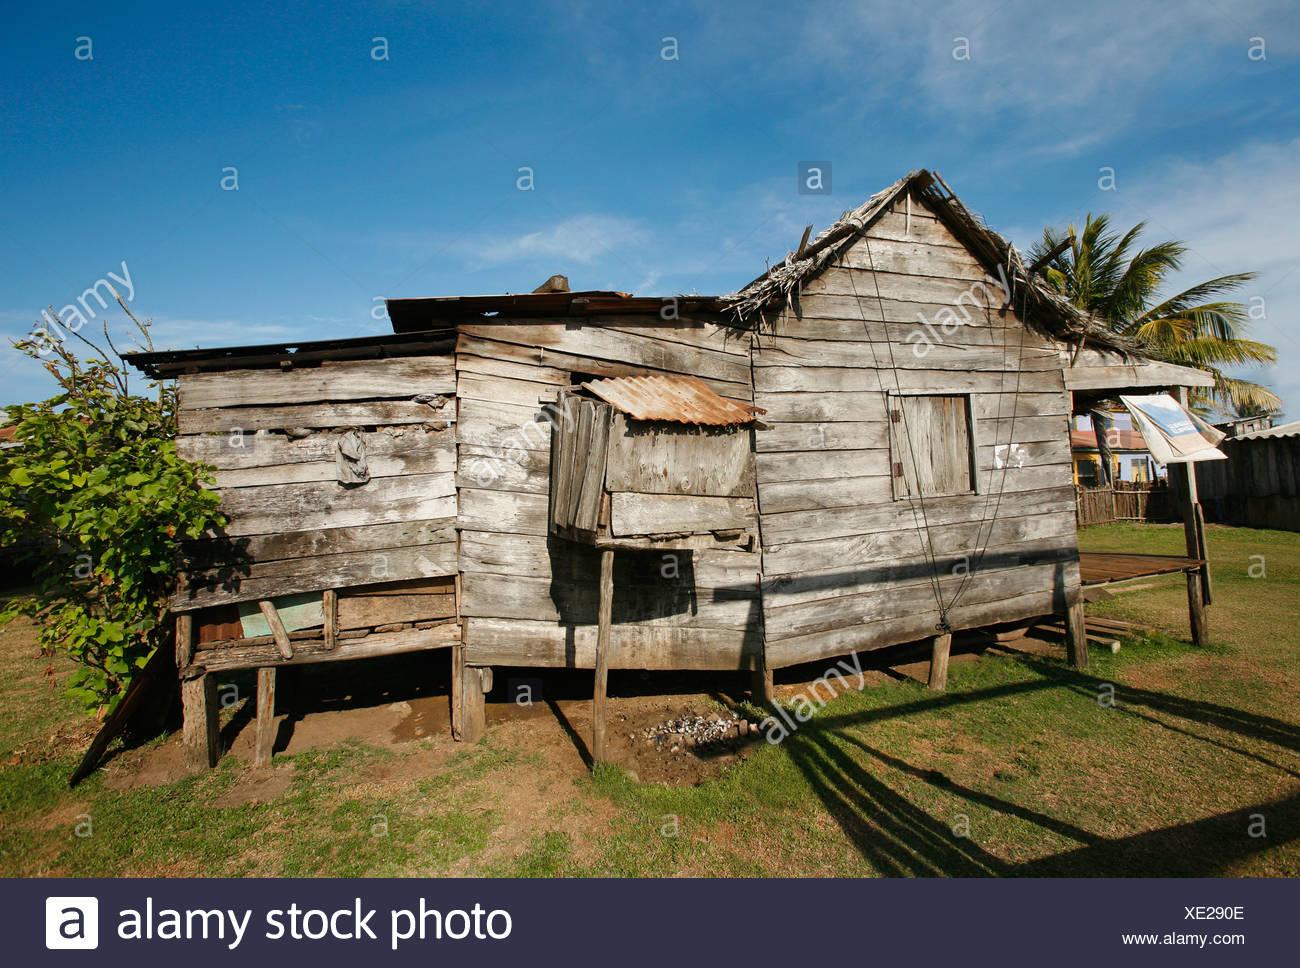 Tasbapauni, Nicaragua; House in disrepair - Stock Image